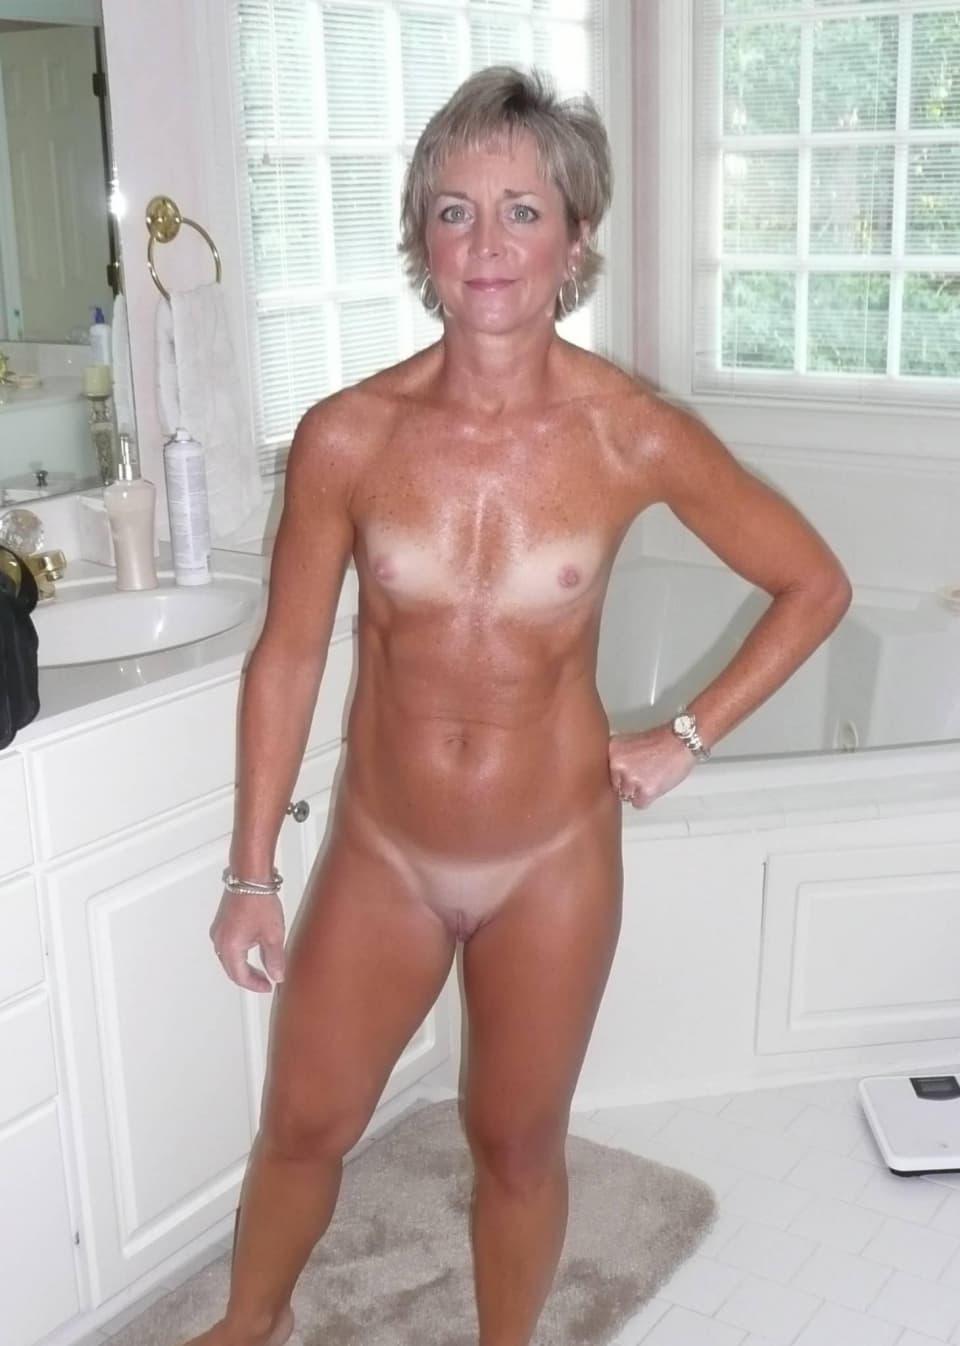 Scarlett johansson naked lesbian